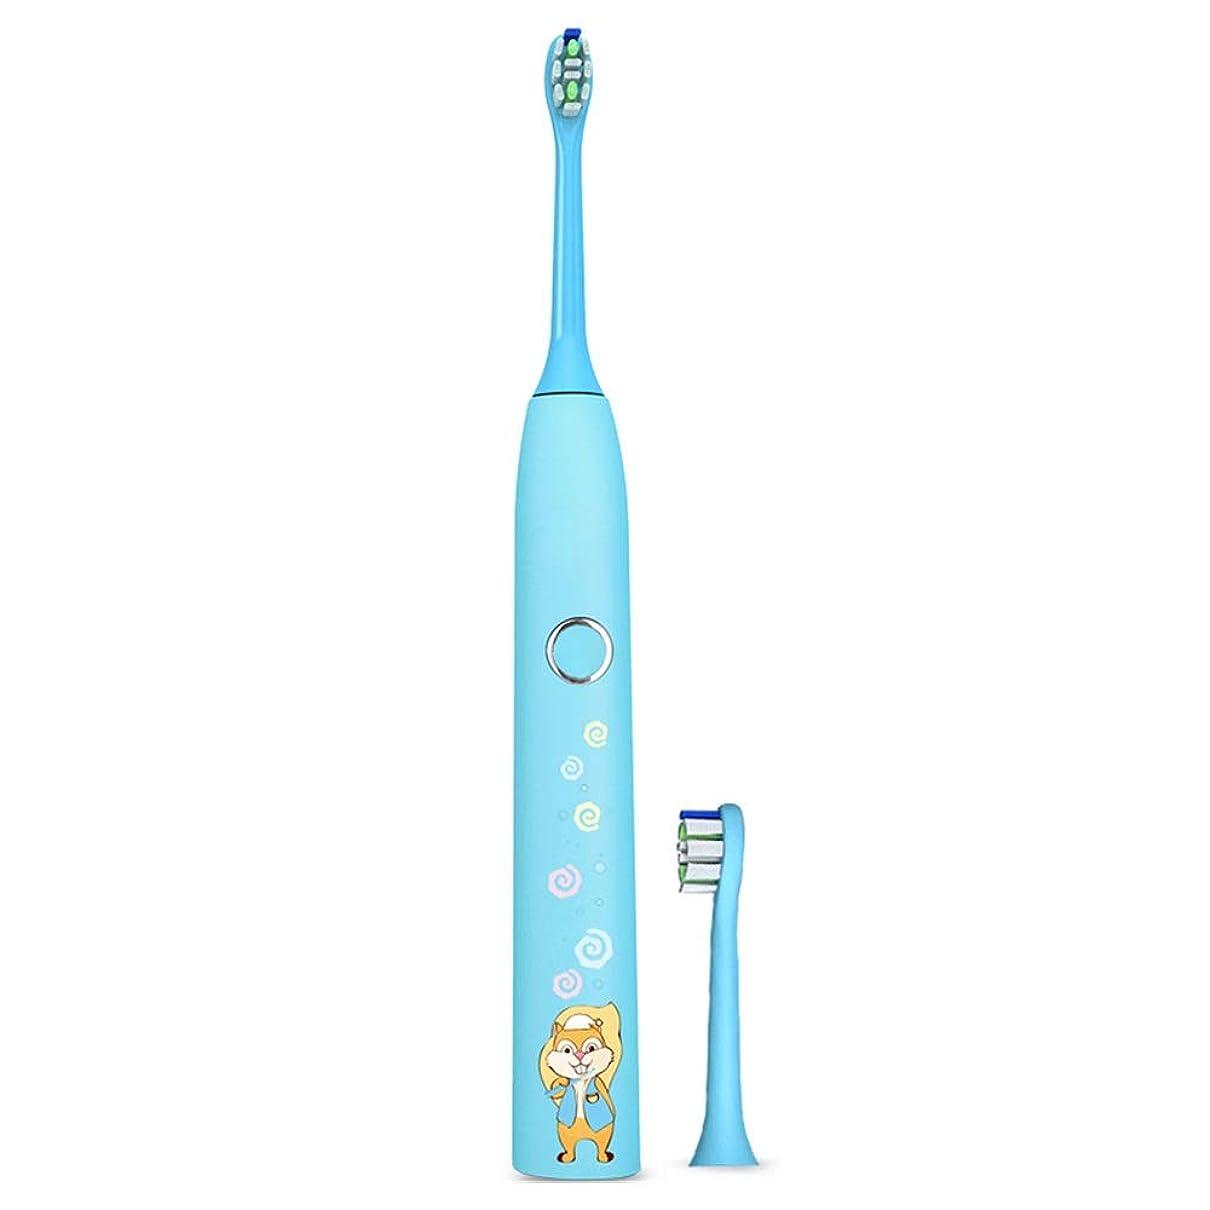 スナップコンペ構成員電動歯ブラシクリーン 子供の電動歯ブラシ保護クリーンUSB充電式柔らかい毛の歯ブラシ歯科医は、日常の使用にお勧め 大人と子供のための歯ブラシ (色 : 青, サイズ : Free size)